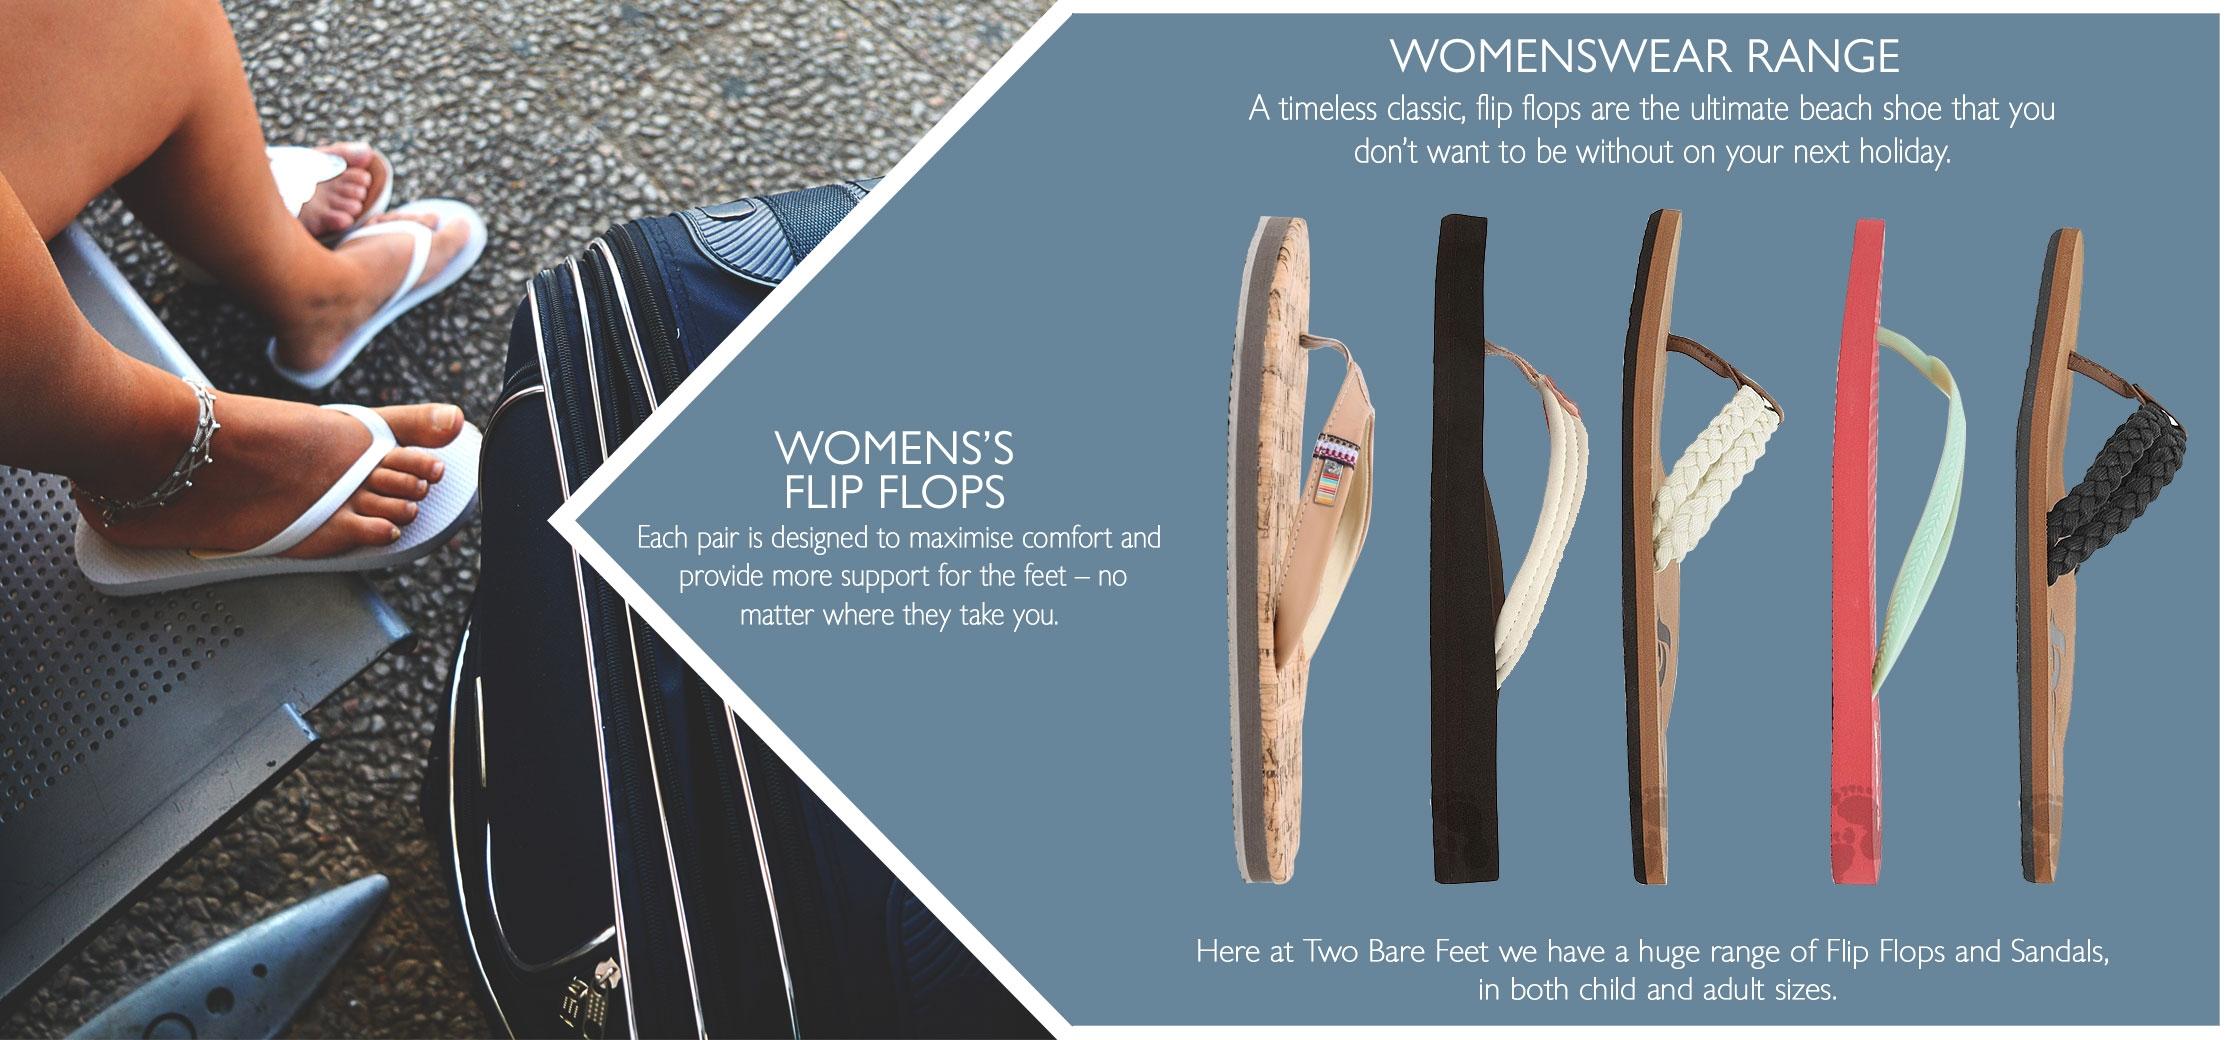 women's flip flops and beach sandals